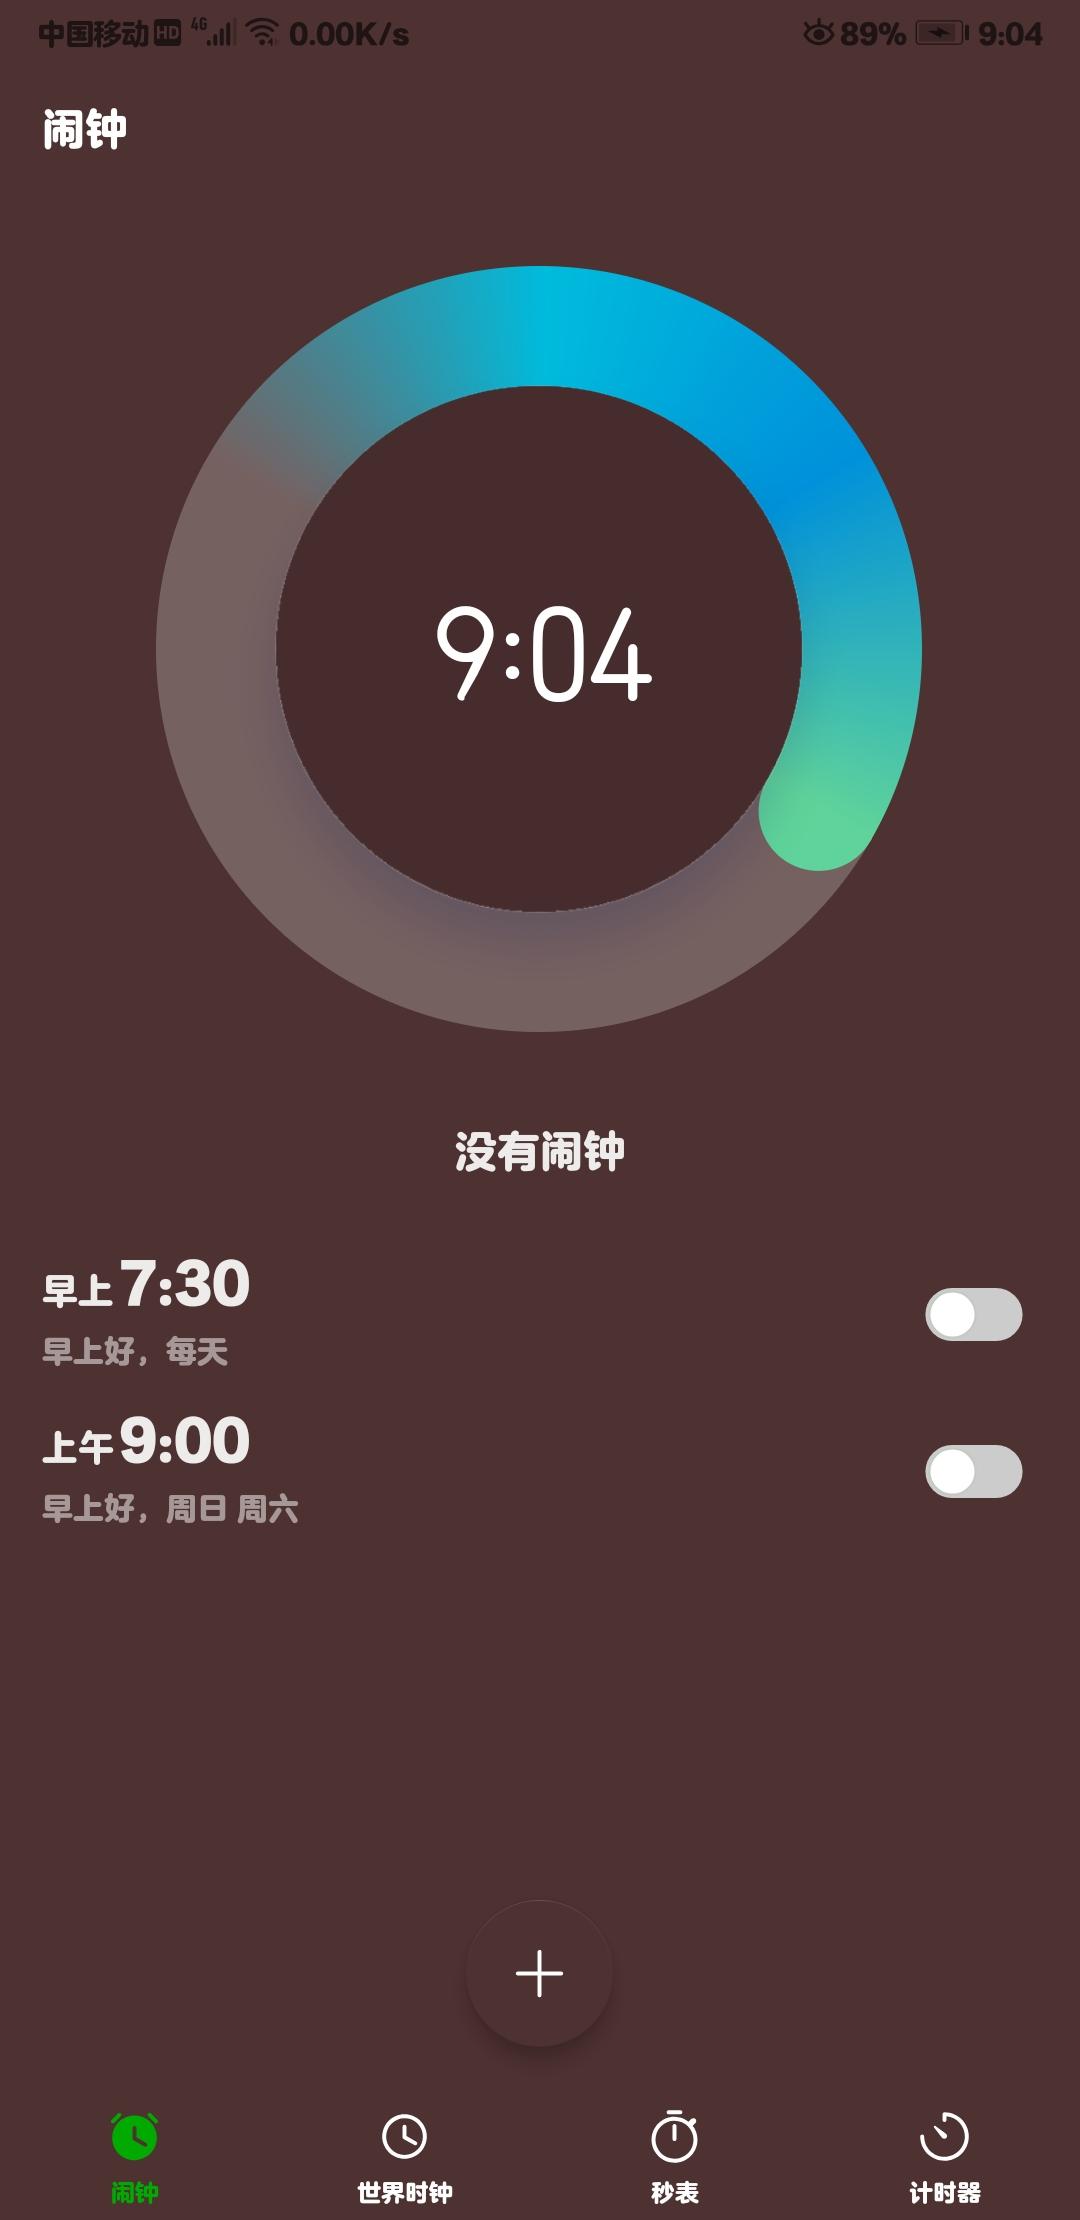 Screenshot_20190817_210420_com.android.deskclock.jpg